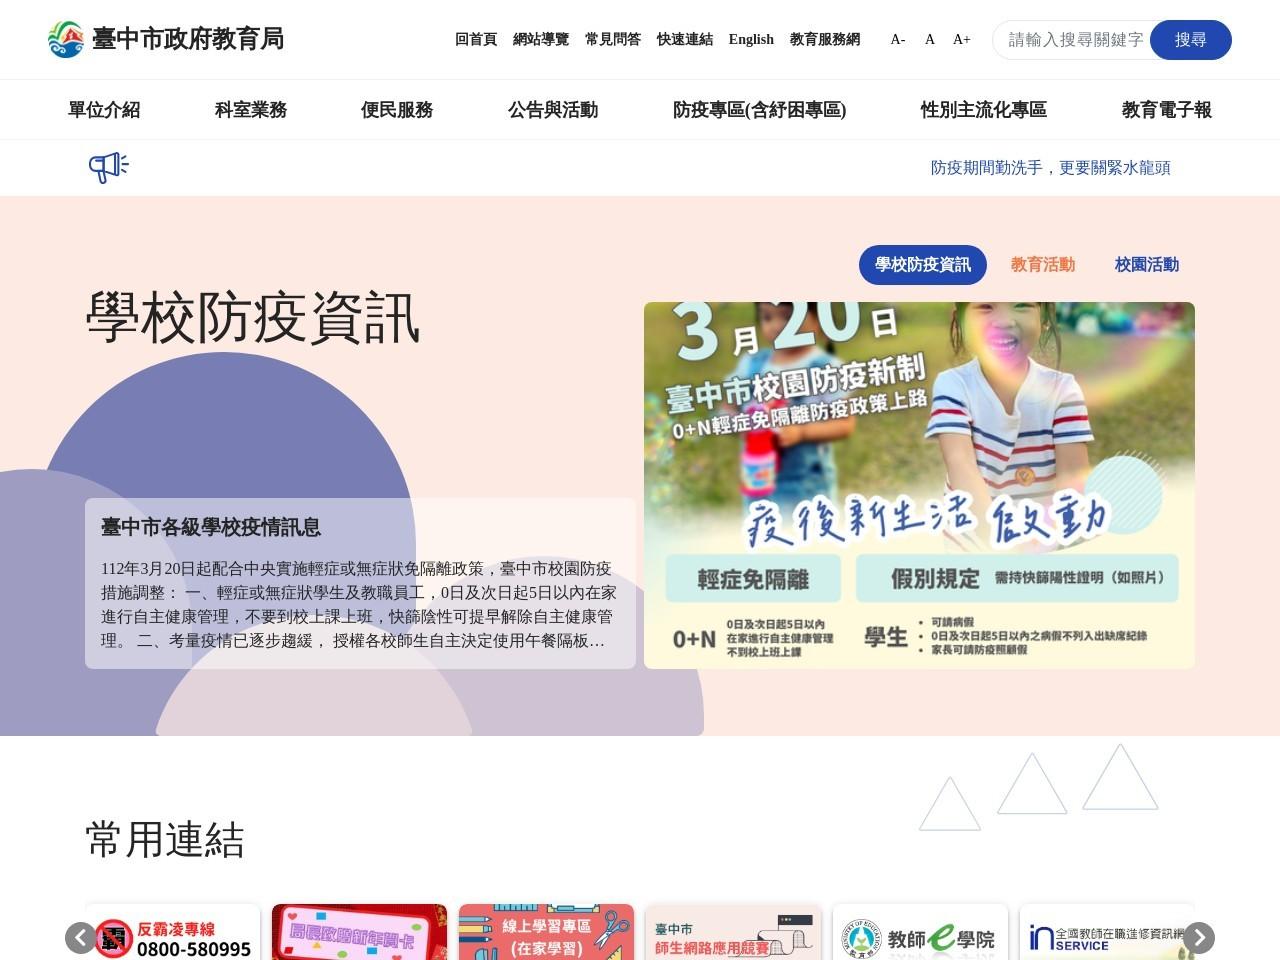 轉知中華民國划船協會辦理「110年全國划船錦標賽」訊息,請查照。